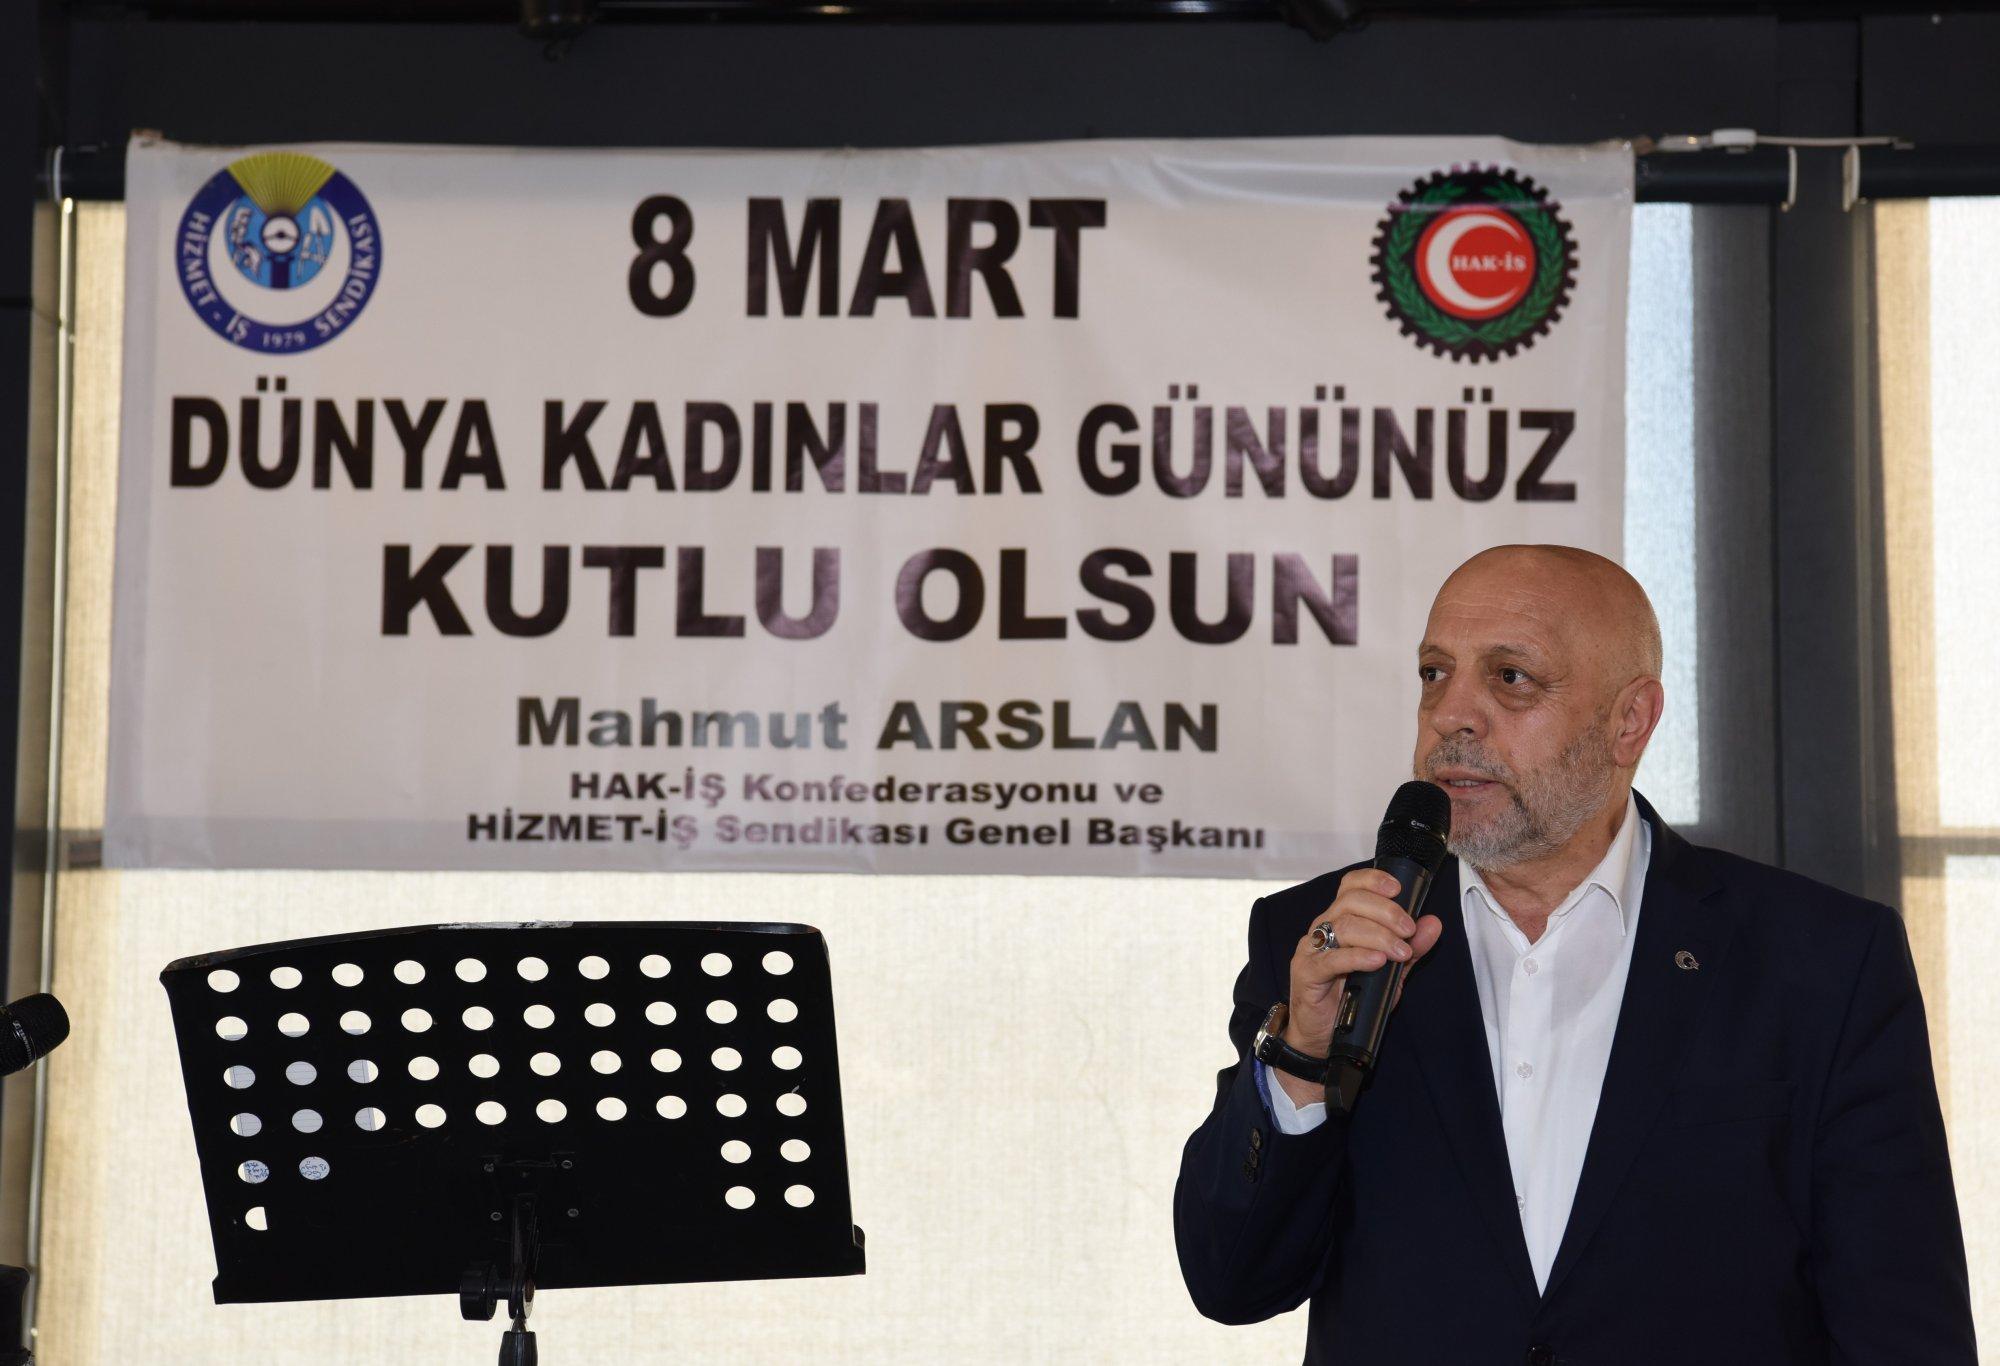 ARSLAN KOCAELİ'DE KADIN ÜYELERİMİZLE BİR ARAYA GELDİ